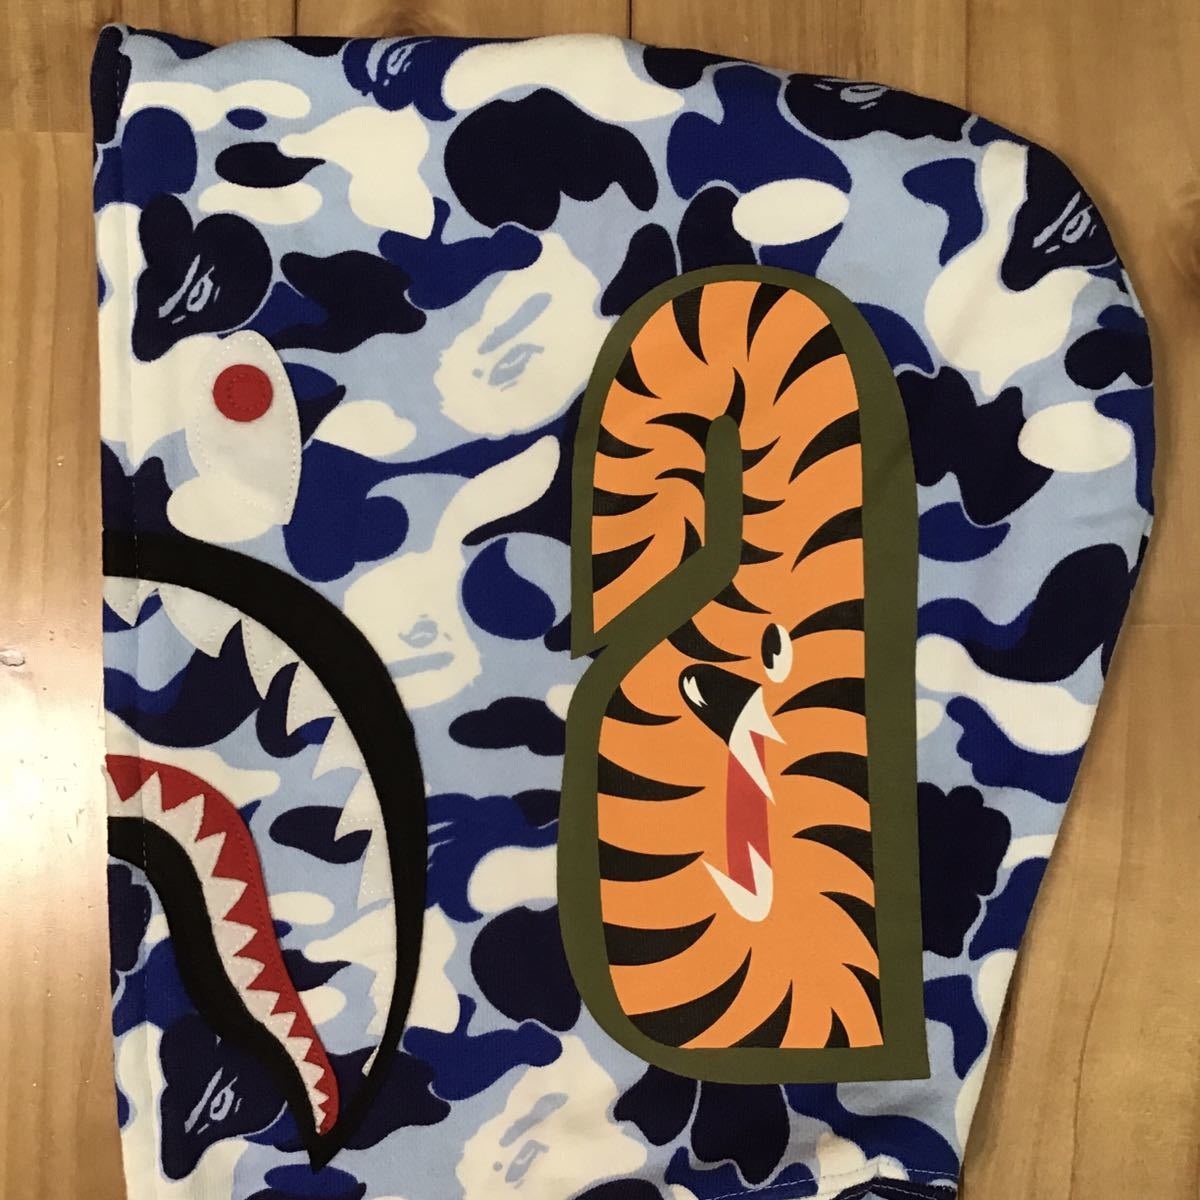 ★名古屋限定★ nagoya city camo シャーク パーカー レディース Sサイズ shark full zip hoodie a bathing ape BAPE エイプ ベイプ ladies